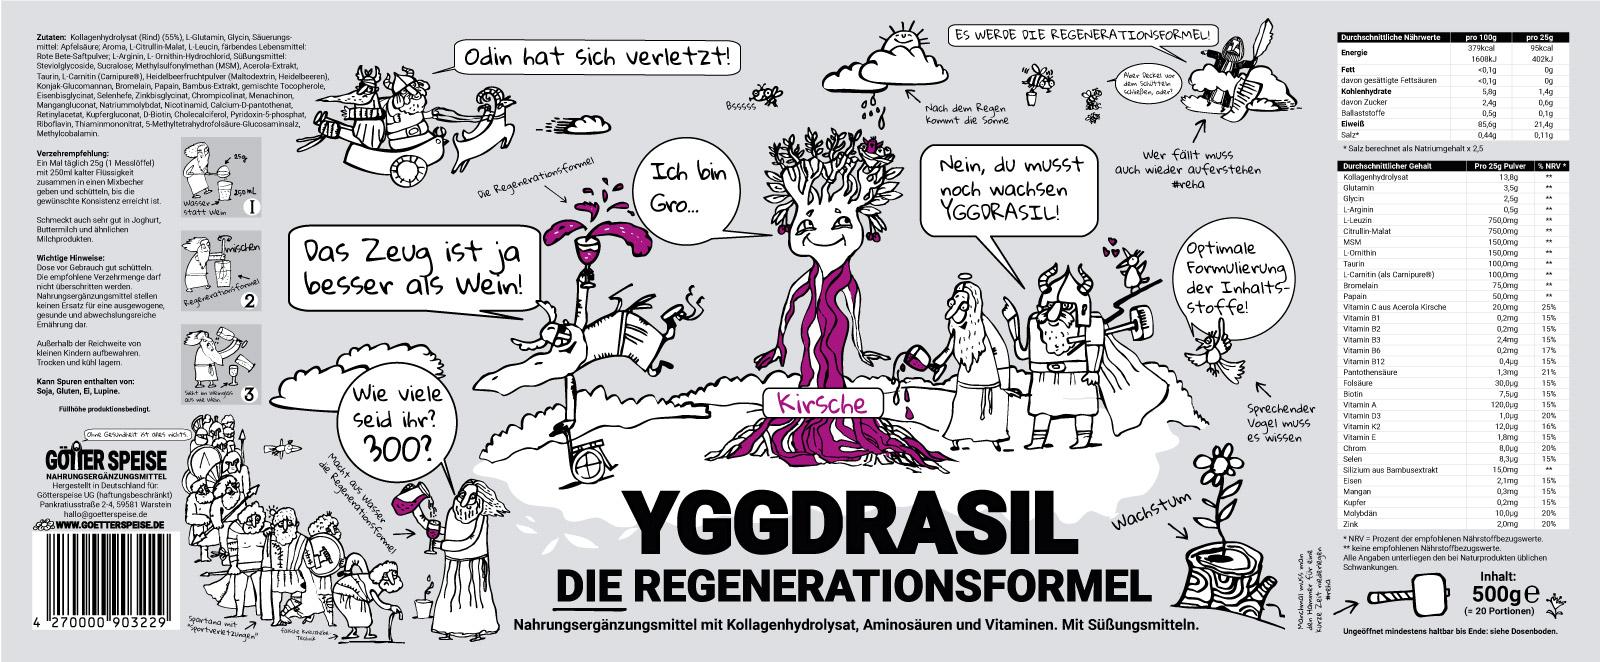 Yggdrasil-neue-Formulierung-von-Götterspeise-DIE-Regenerationsformel